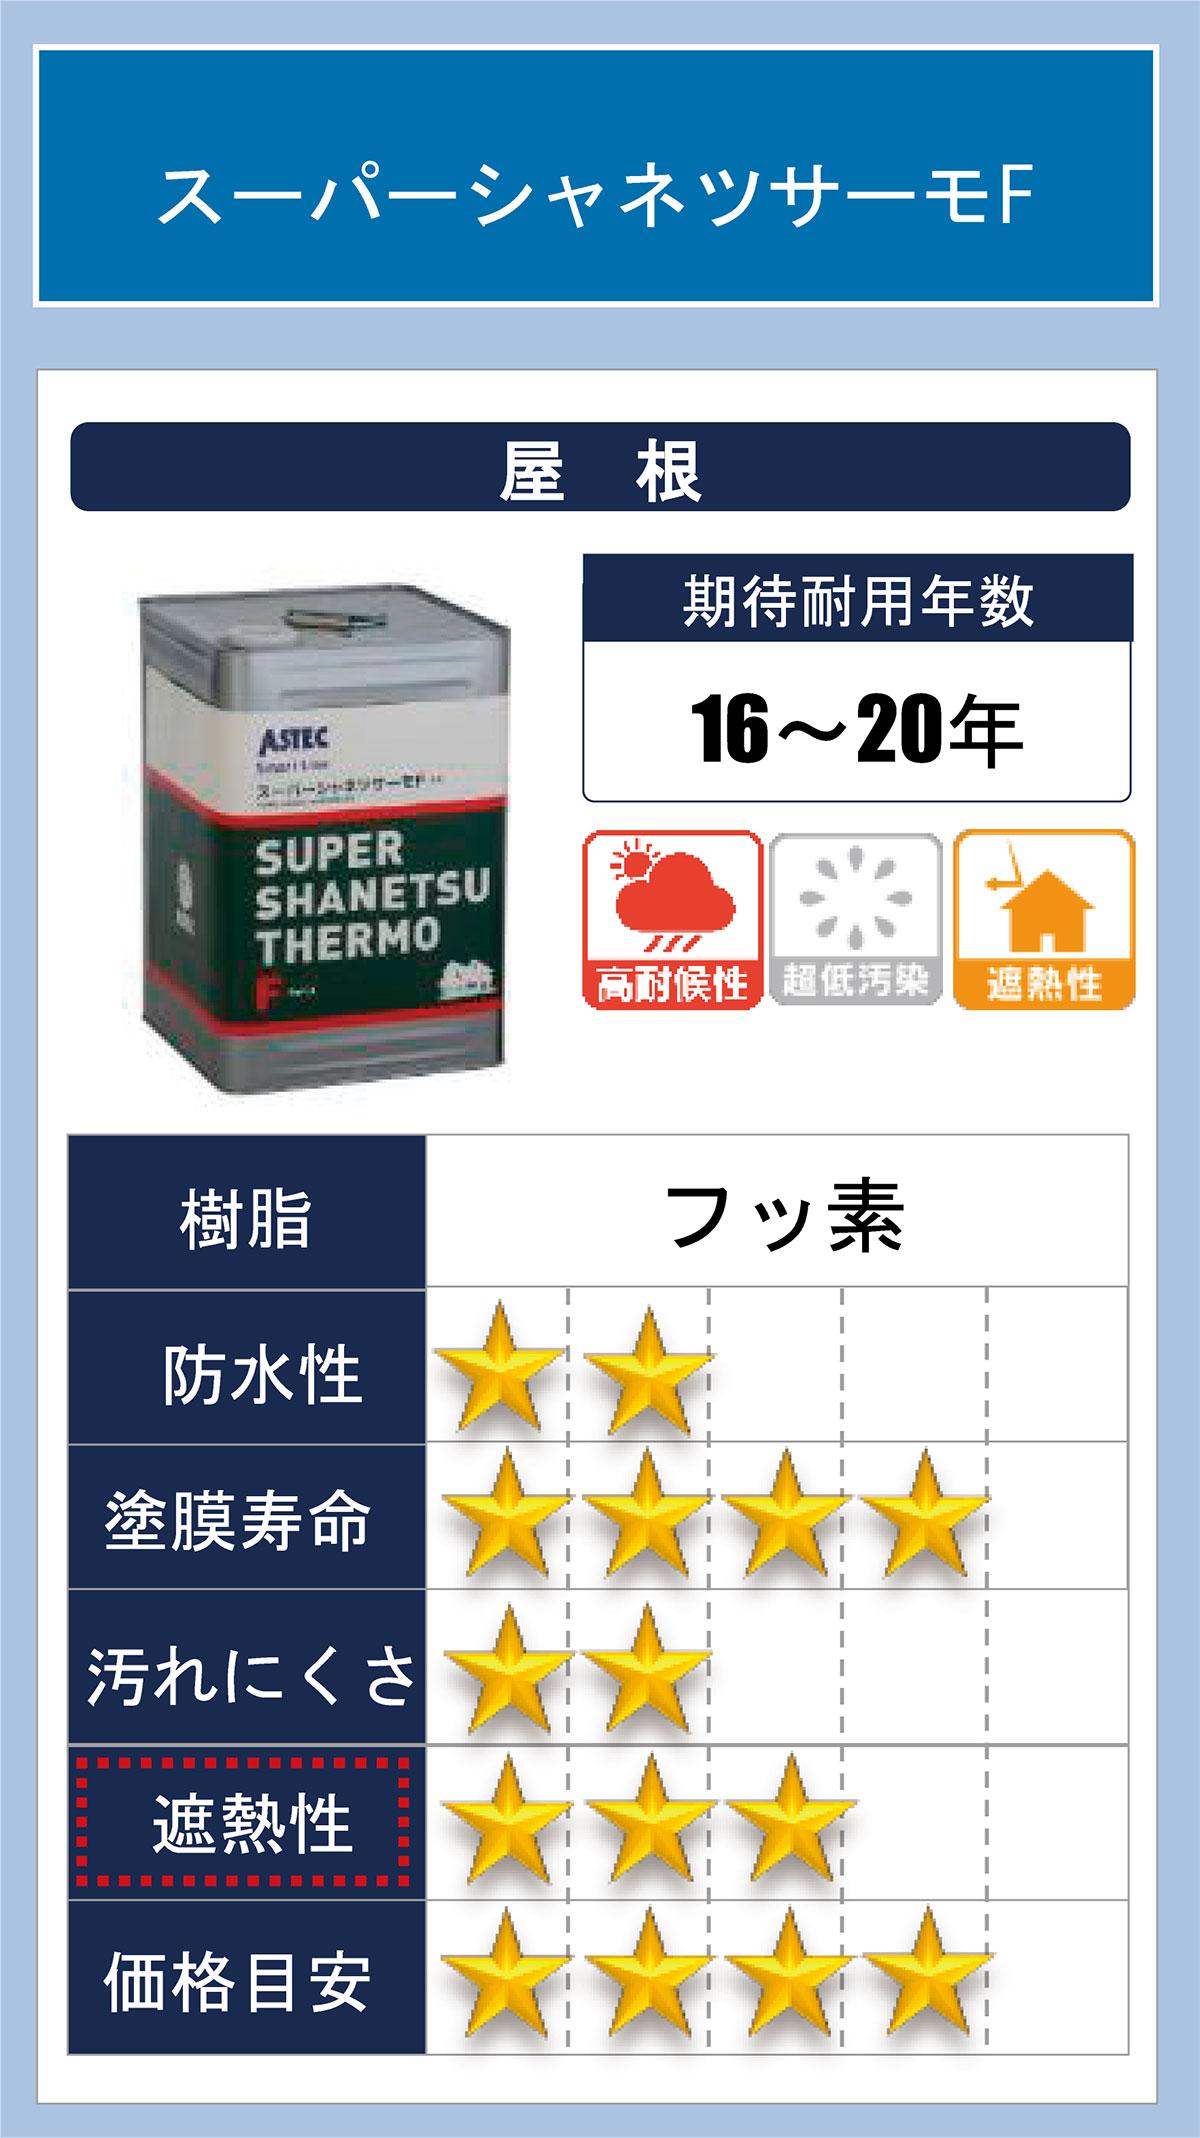 屋根塗装(スーパーシャネツサーモFi)